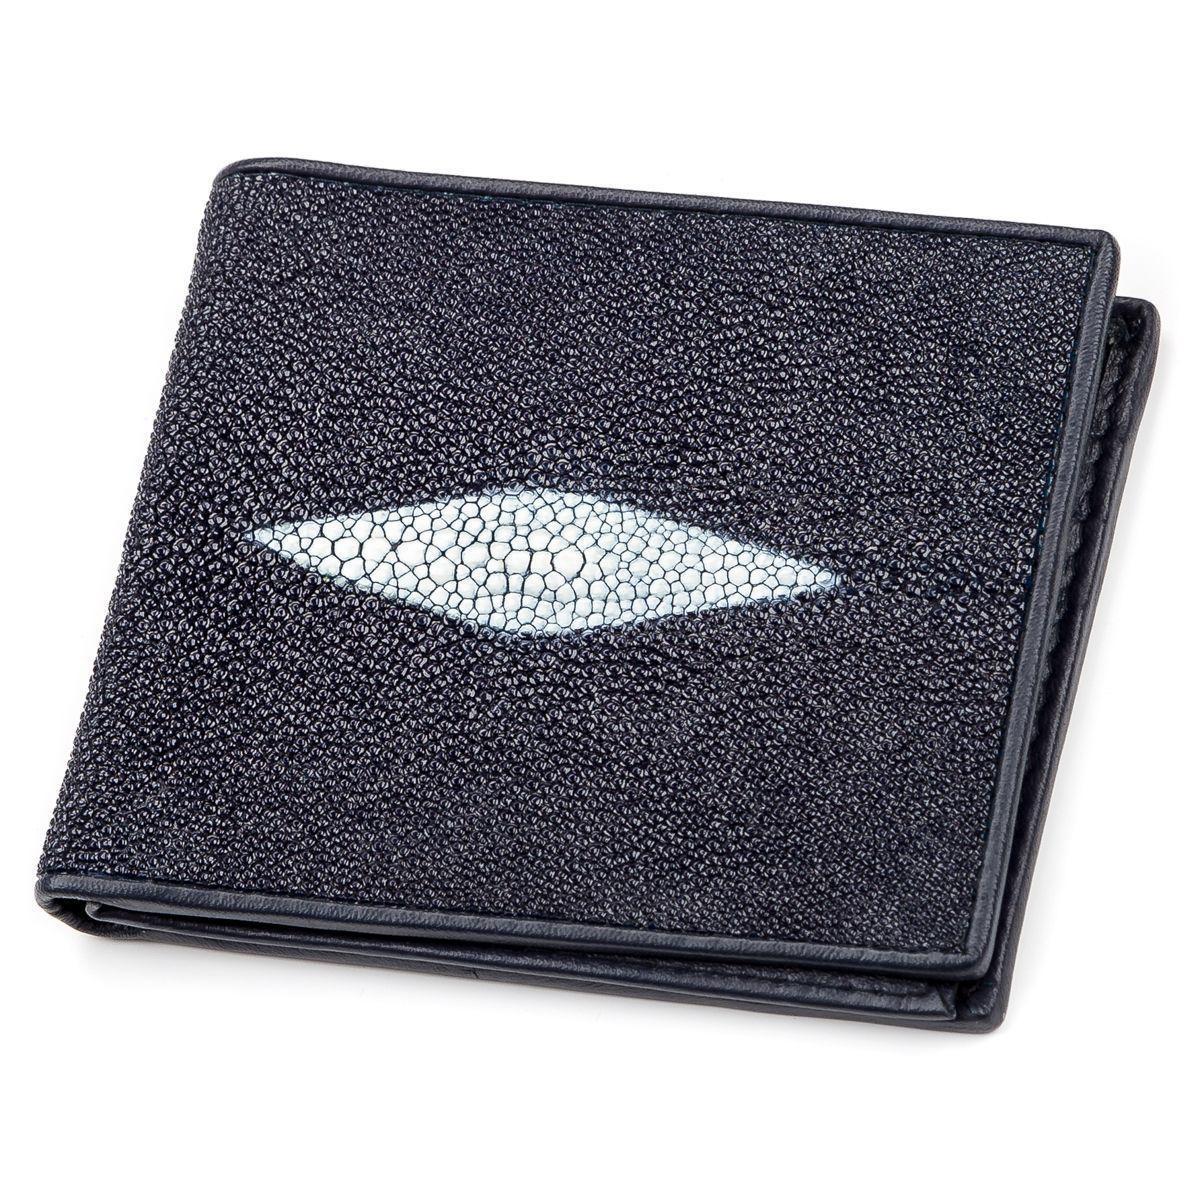 Портмоне мужское Ekzotic Leather из натуральной кожи морского ската Синее